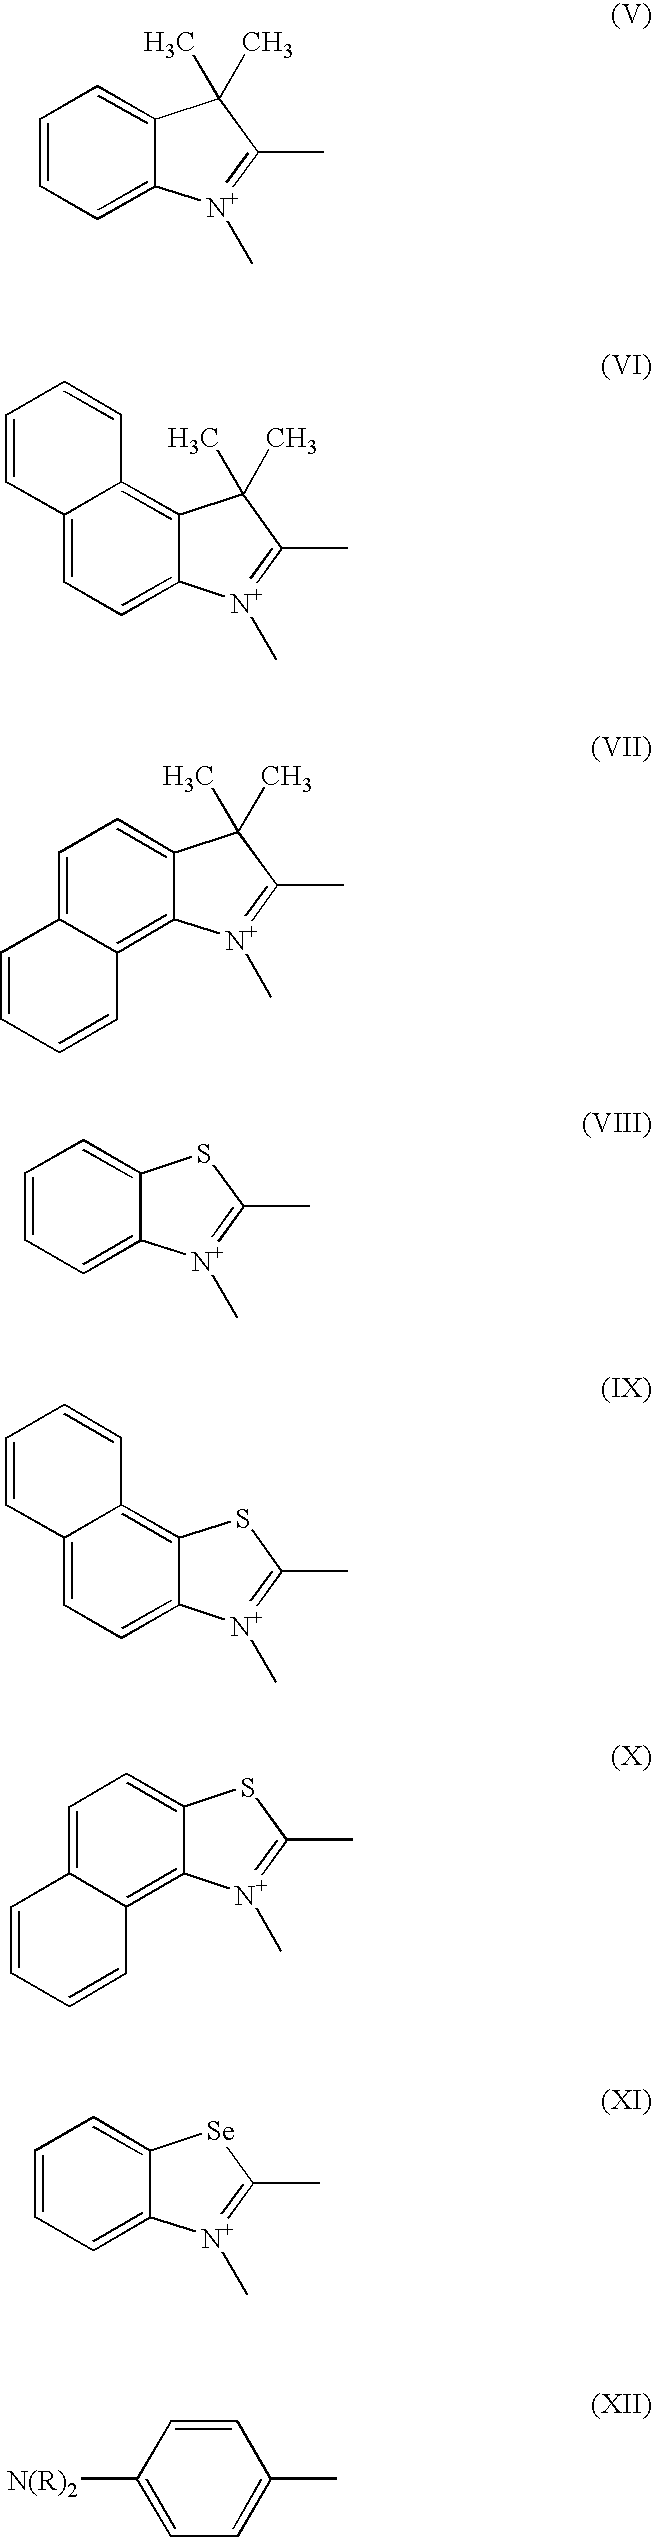 Figure US20070008869A1-20070111-C00002